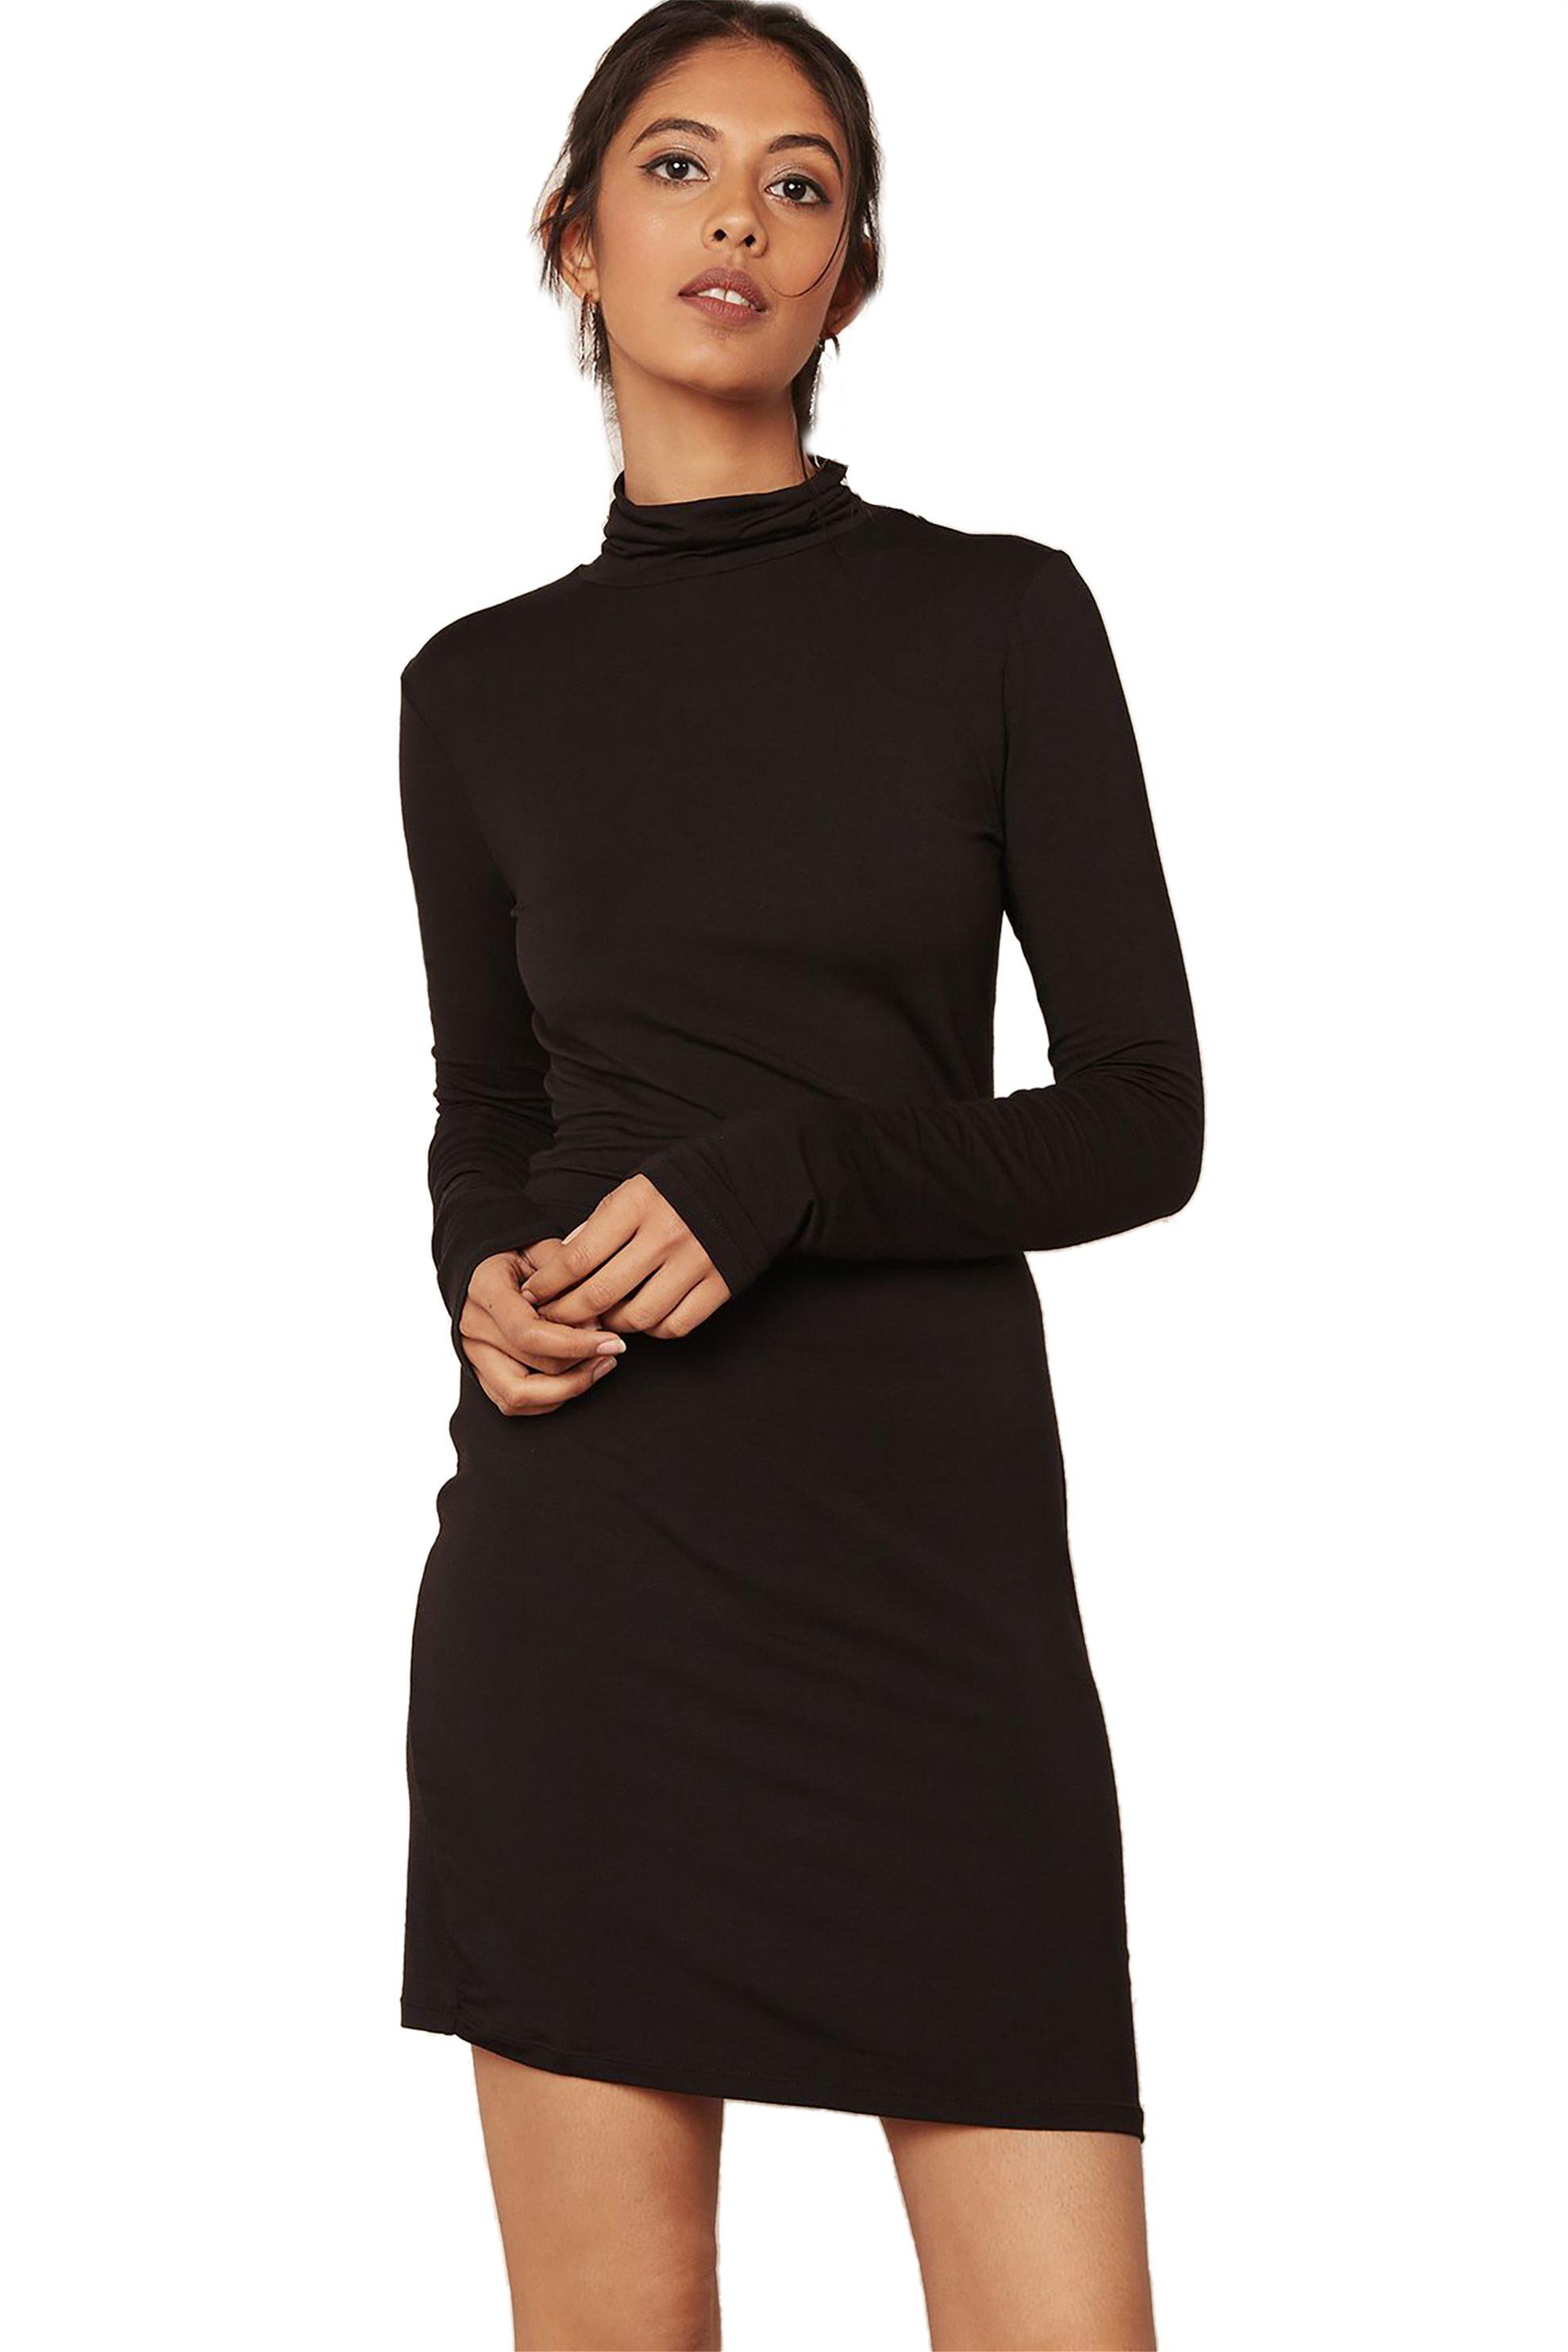 Γυναικεία   Ρούχα   Φορέματα   Καθημερινά   Γυναικείο φόρεμα Barbour ... 00ea78ac099